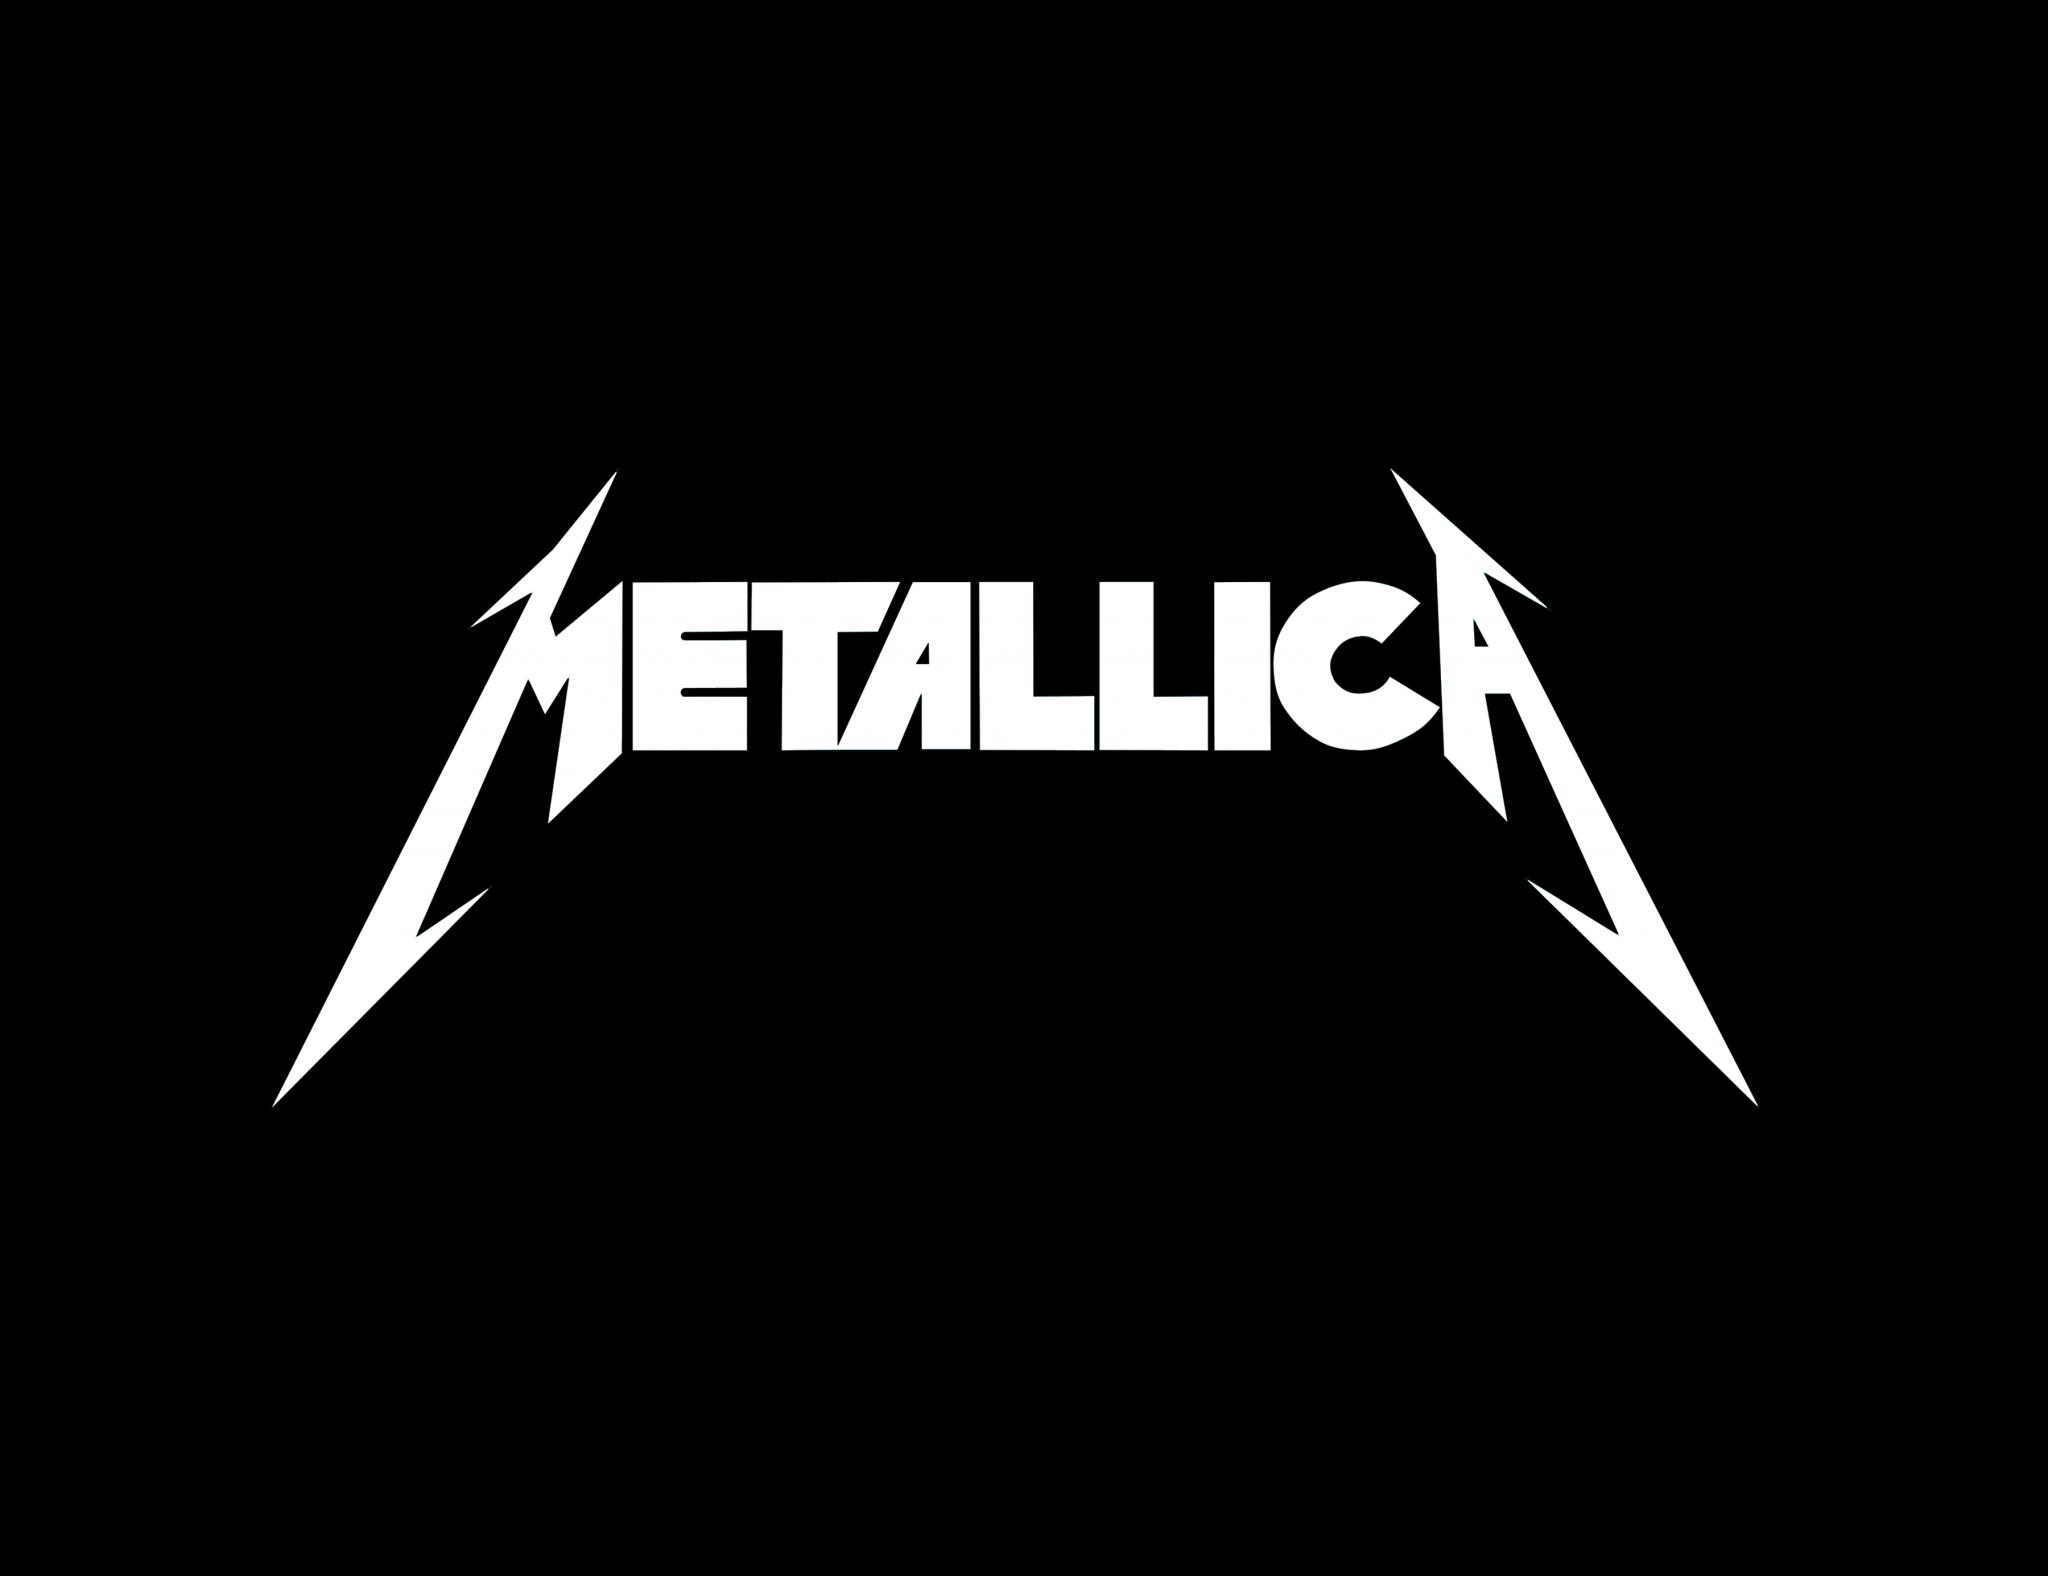 metallica logo music logo inspiration logojoy rh logojoy com metallica band logo font metallica logo font download